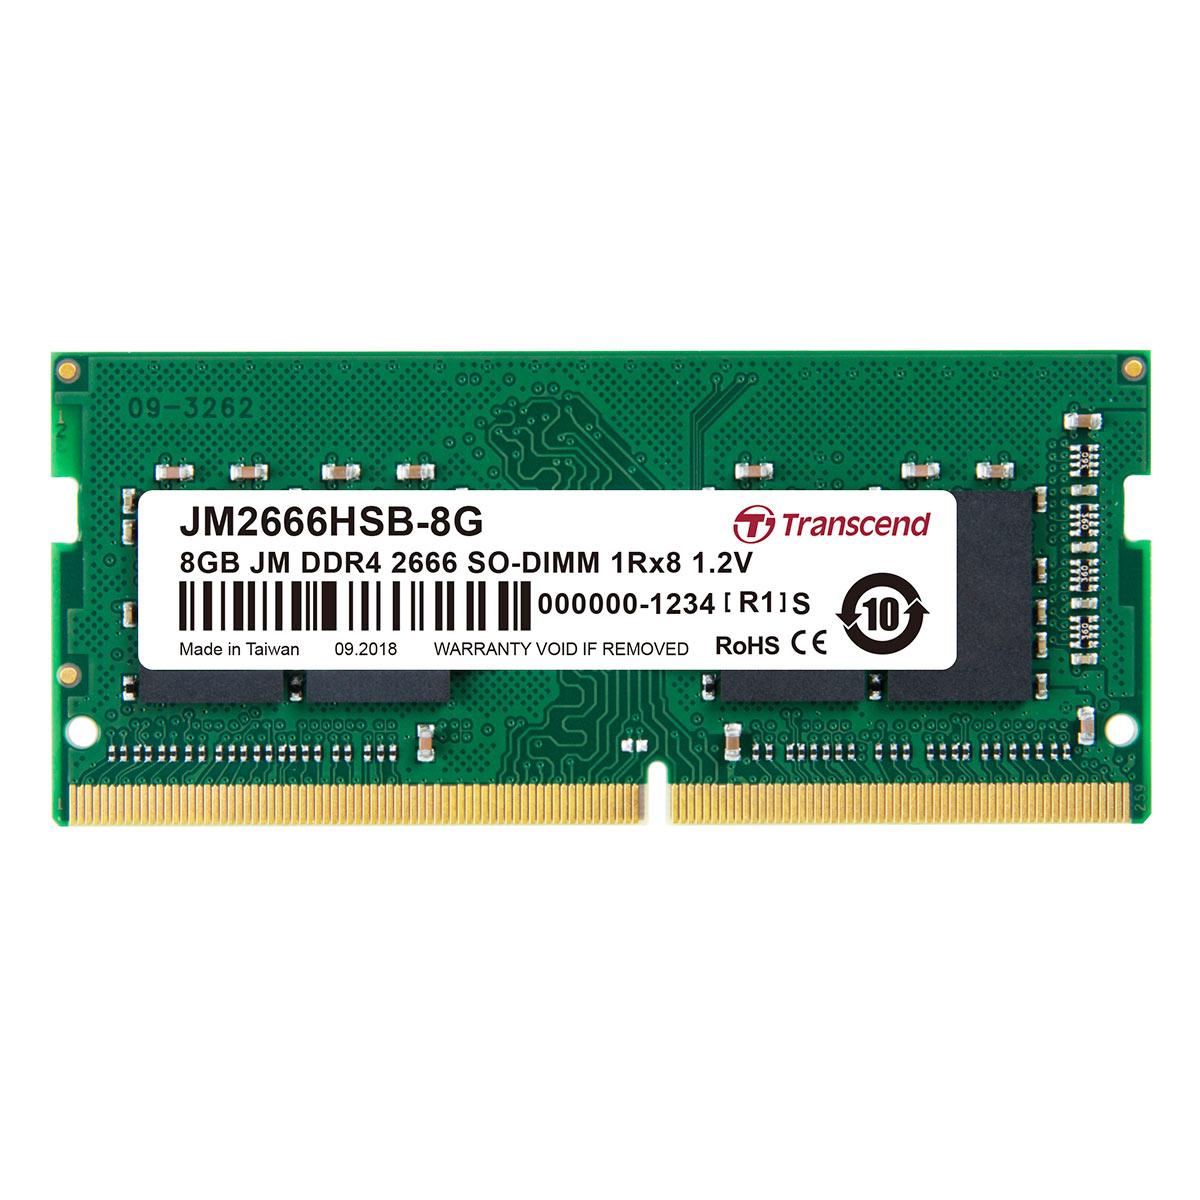 【4月25日値下げしました】Transcend 増設メモリー 8GB ノートPC用 DDR4-2666 PC4-21300 SO-DIMM PCメモリ メモリーモジュール ノートパソコン用[JM2666HSB-8G]【ネコポス専用】【送料無料】